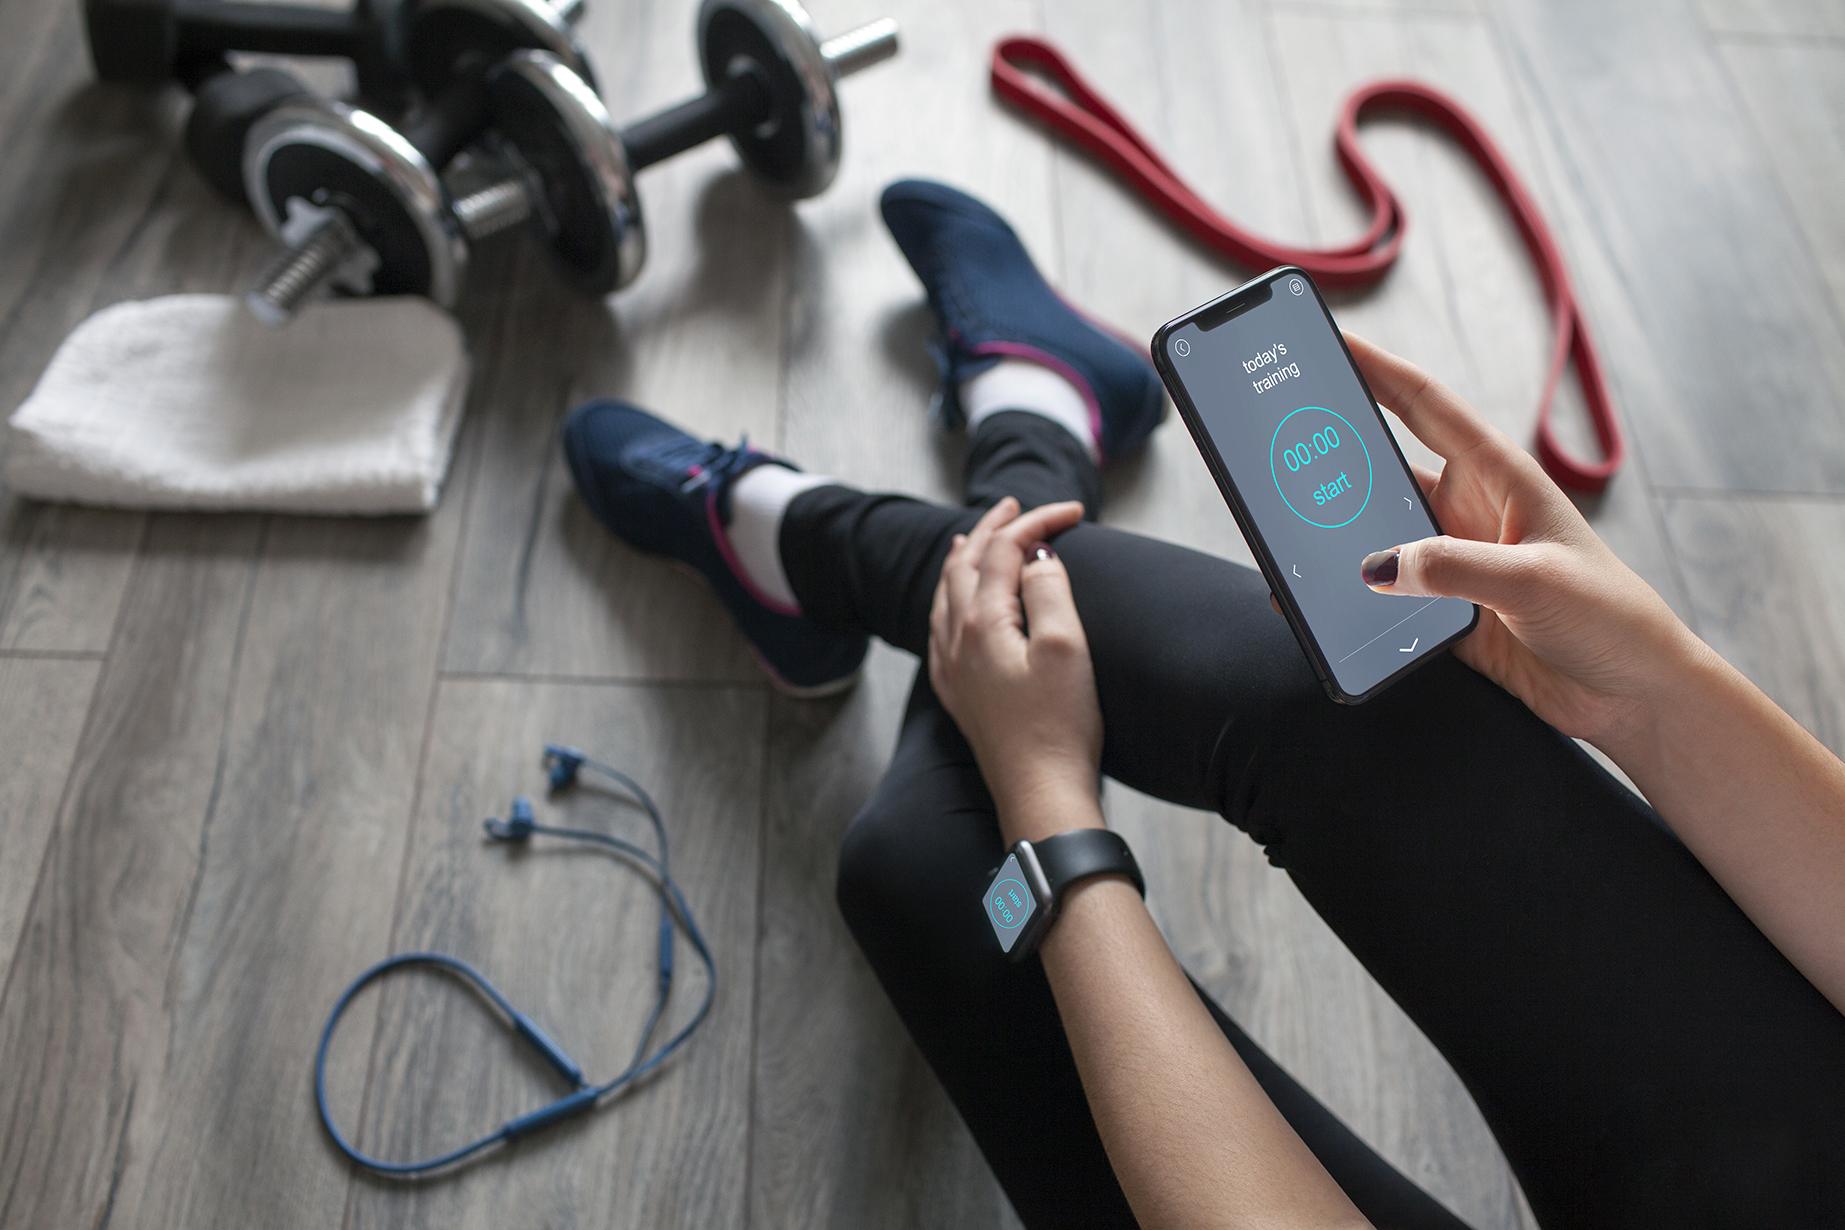 Eine Frau in Sportbekleidung hält ein Smartphone mit geöffneter Trainings-App